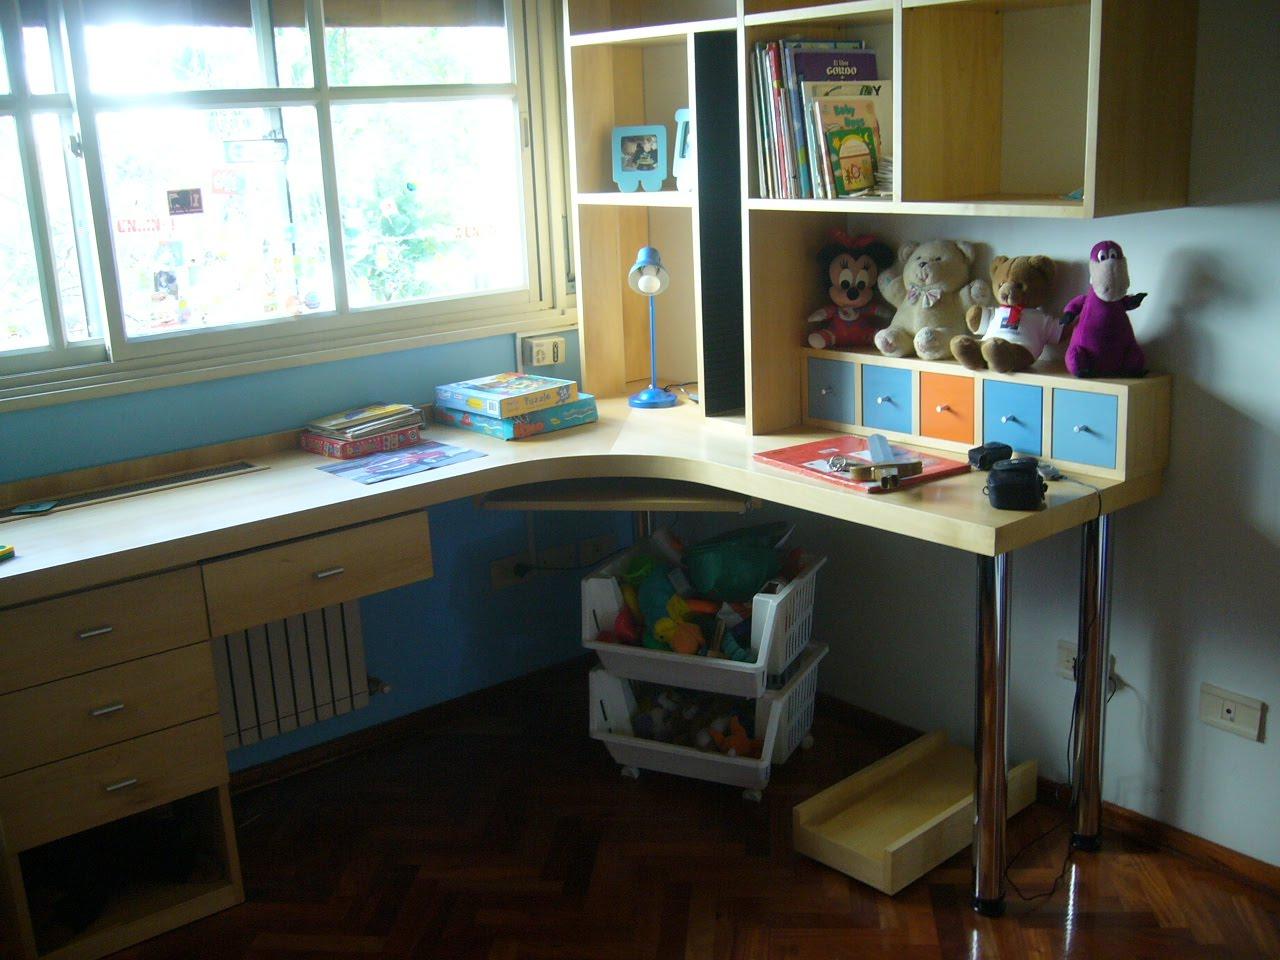 Mythourbano deco y muebles cuarto chicos - Muebles para chicos ...